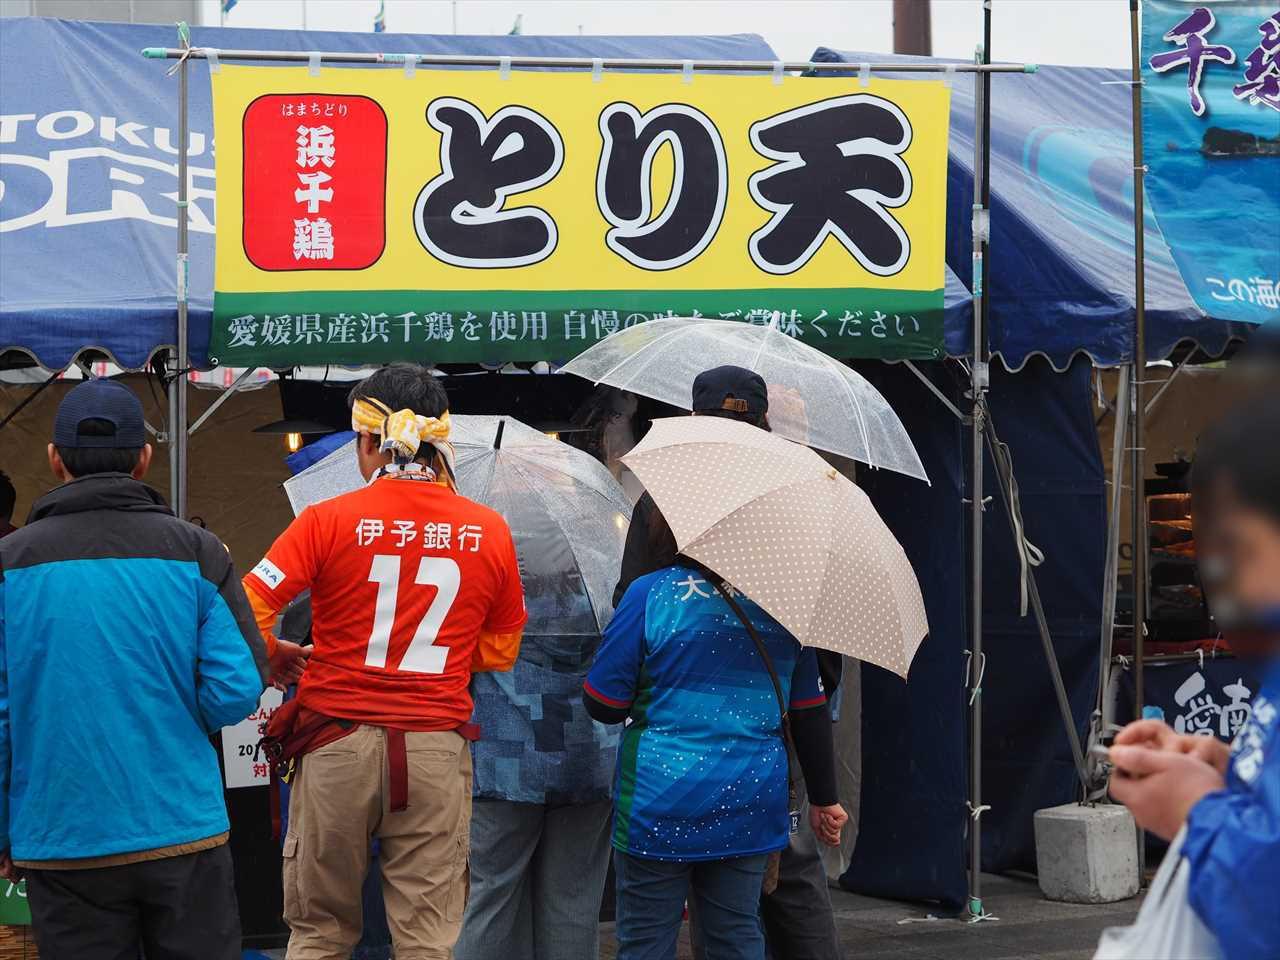 とり天 四国ダービー2019 ヴォルタくんステージ中止 2019年4月14日 徳島ヴォルティス 愛媛FC